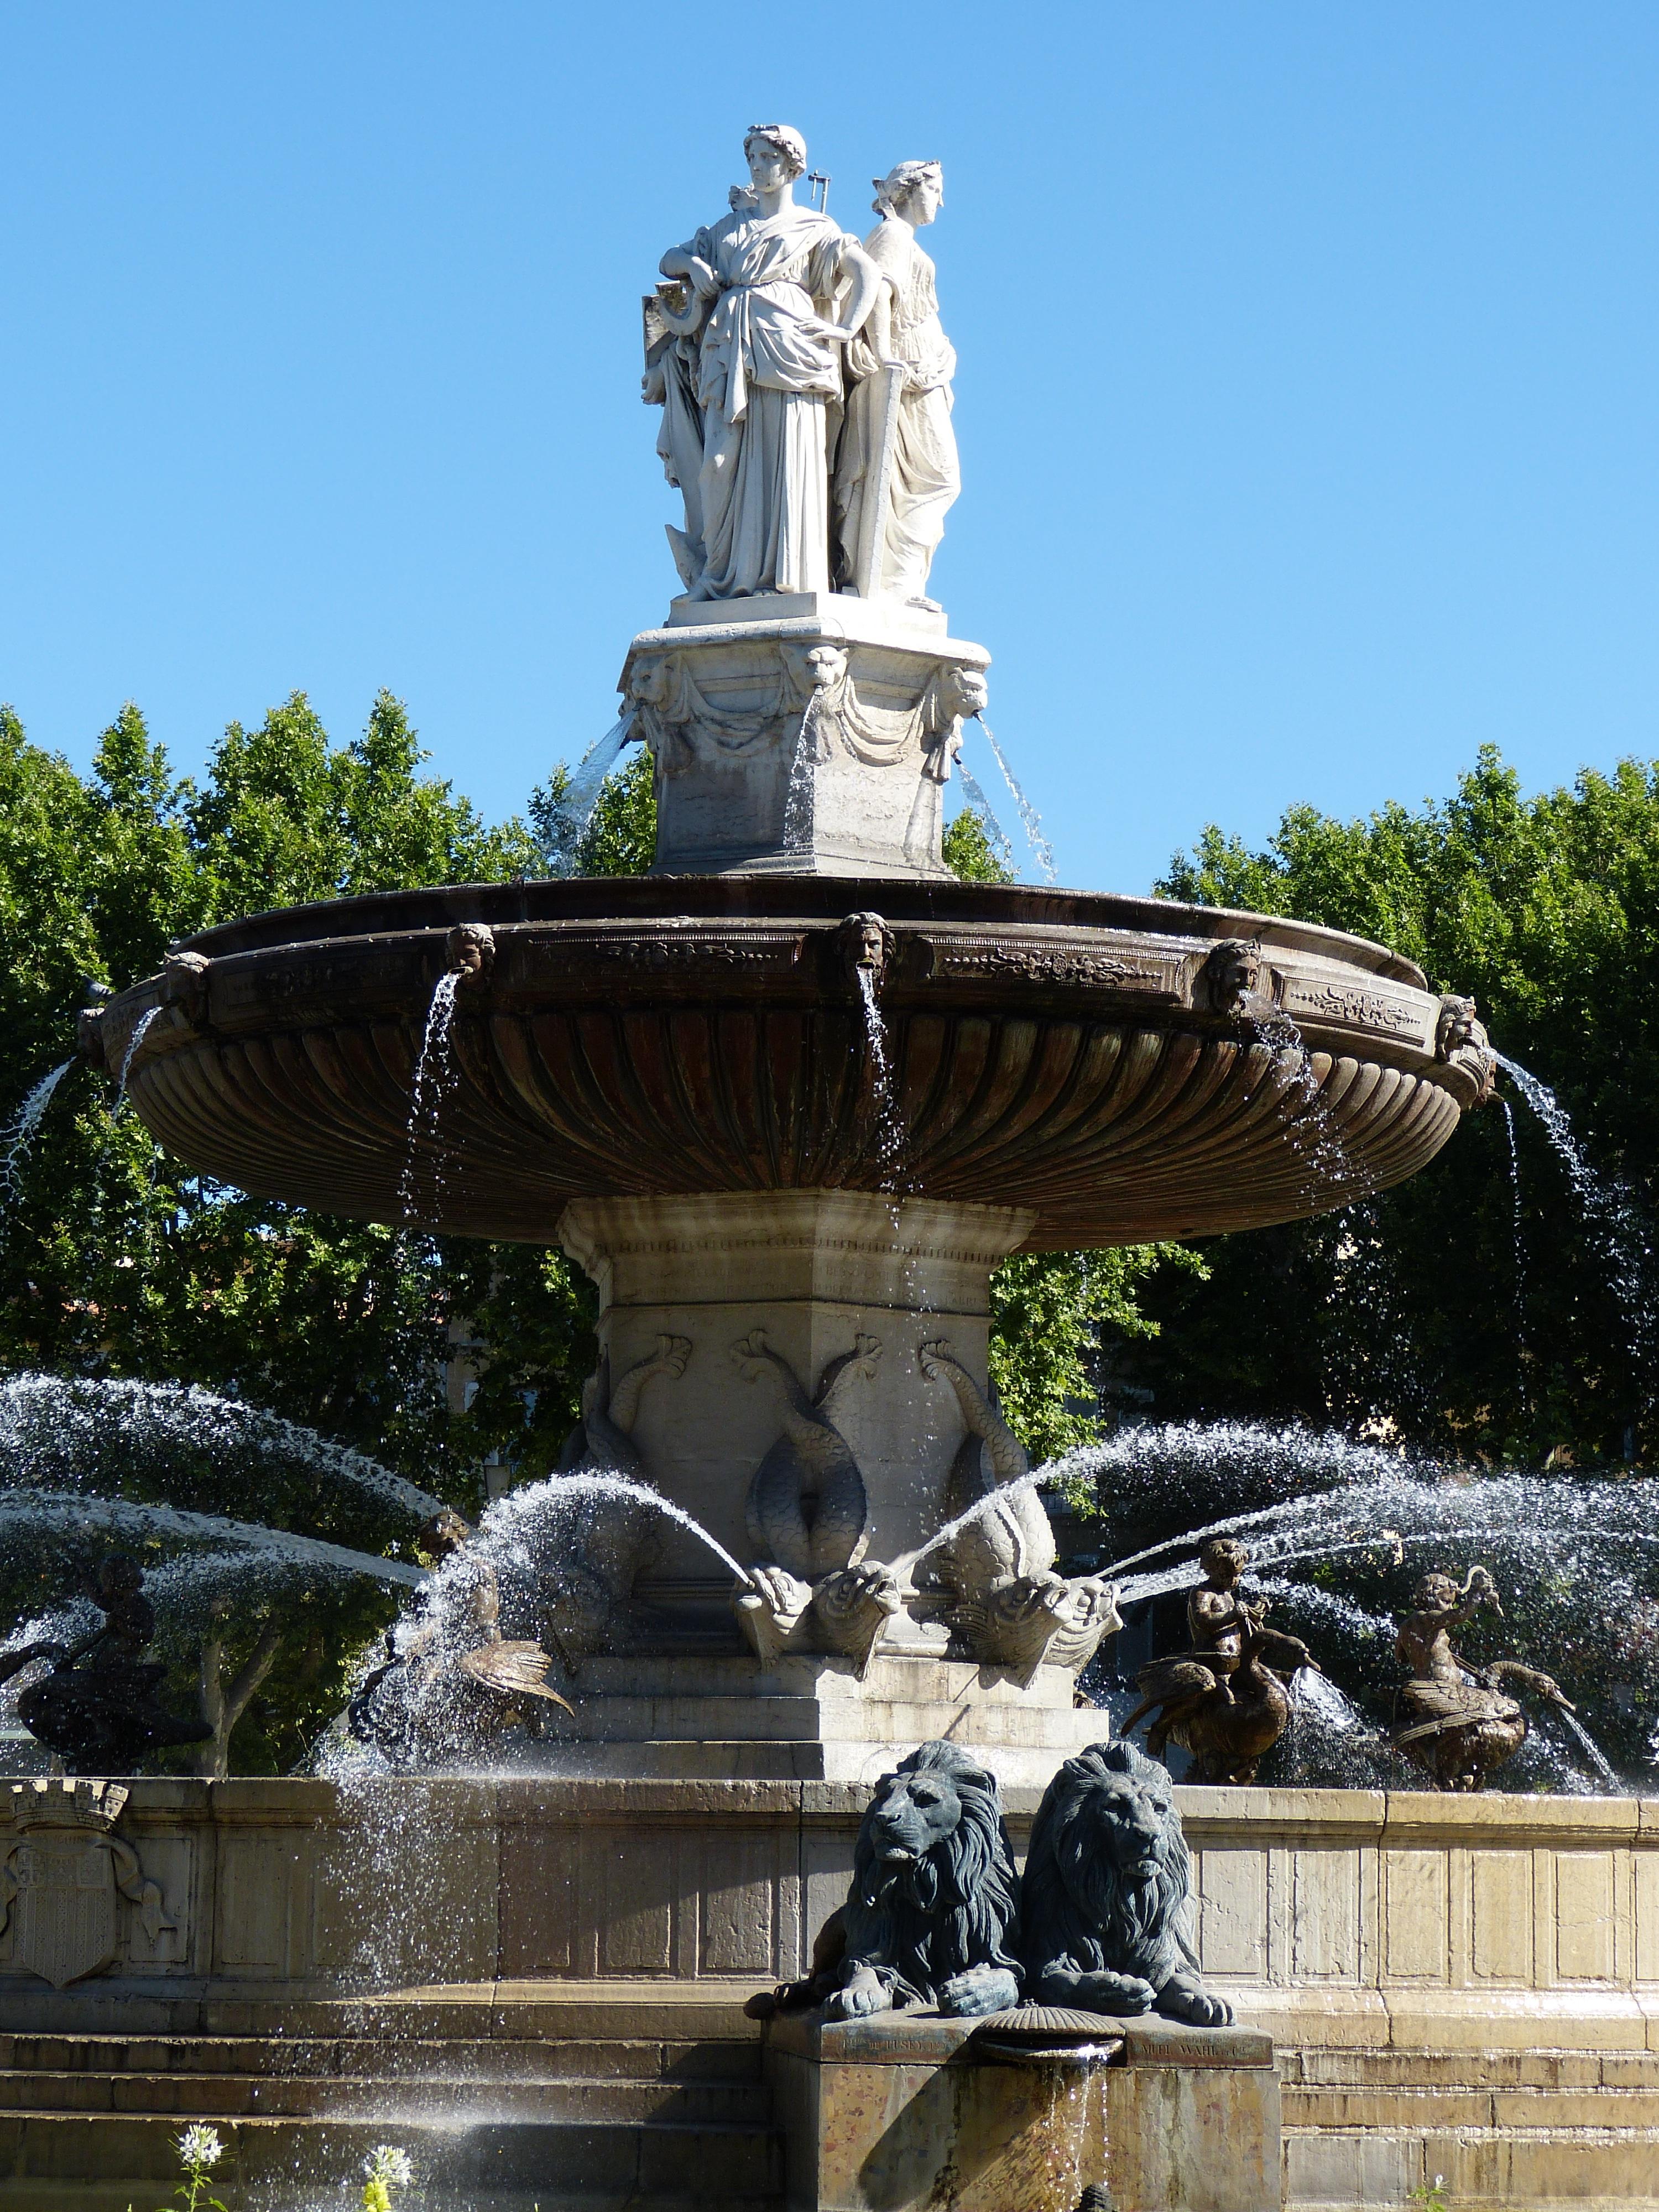 Bildet : monument, Frankrike, statue, rom, plaza, landemerke, hage, løve, fig, skulptur, minnesmerke, provence, fontene, vann funksjonen, Sør-Frankrike, aix ...